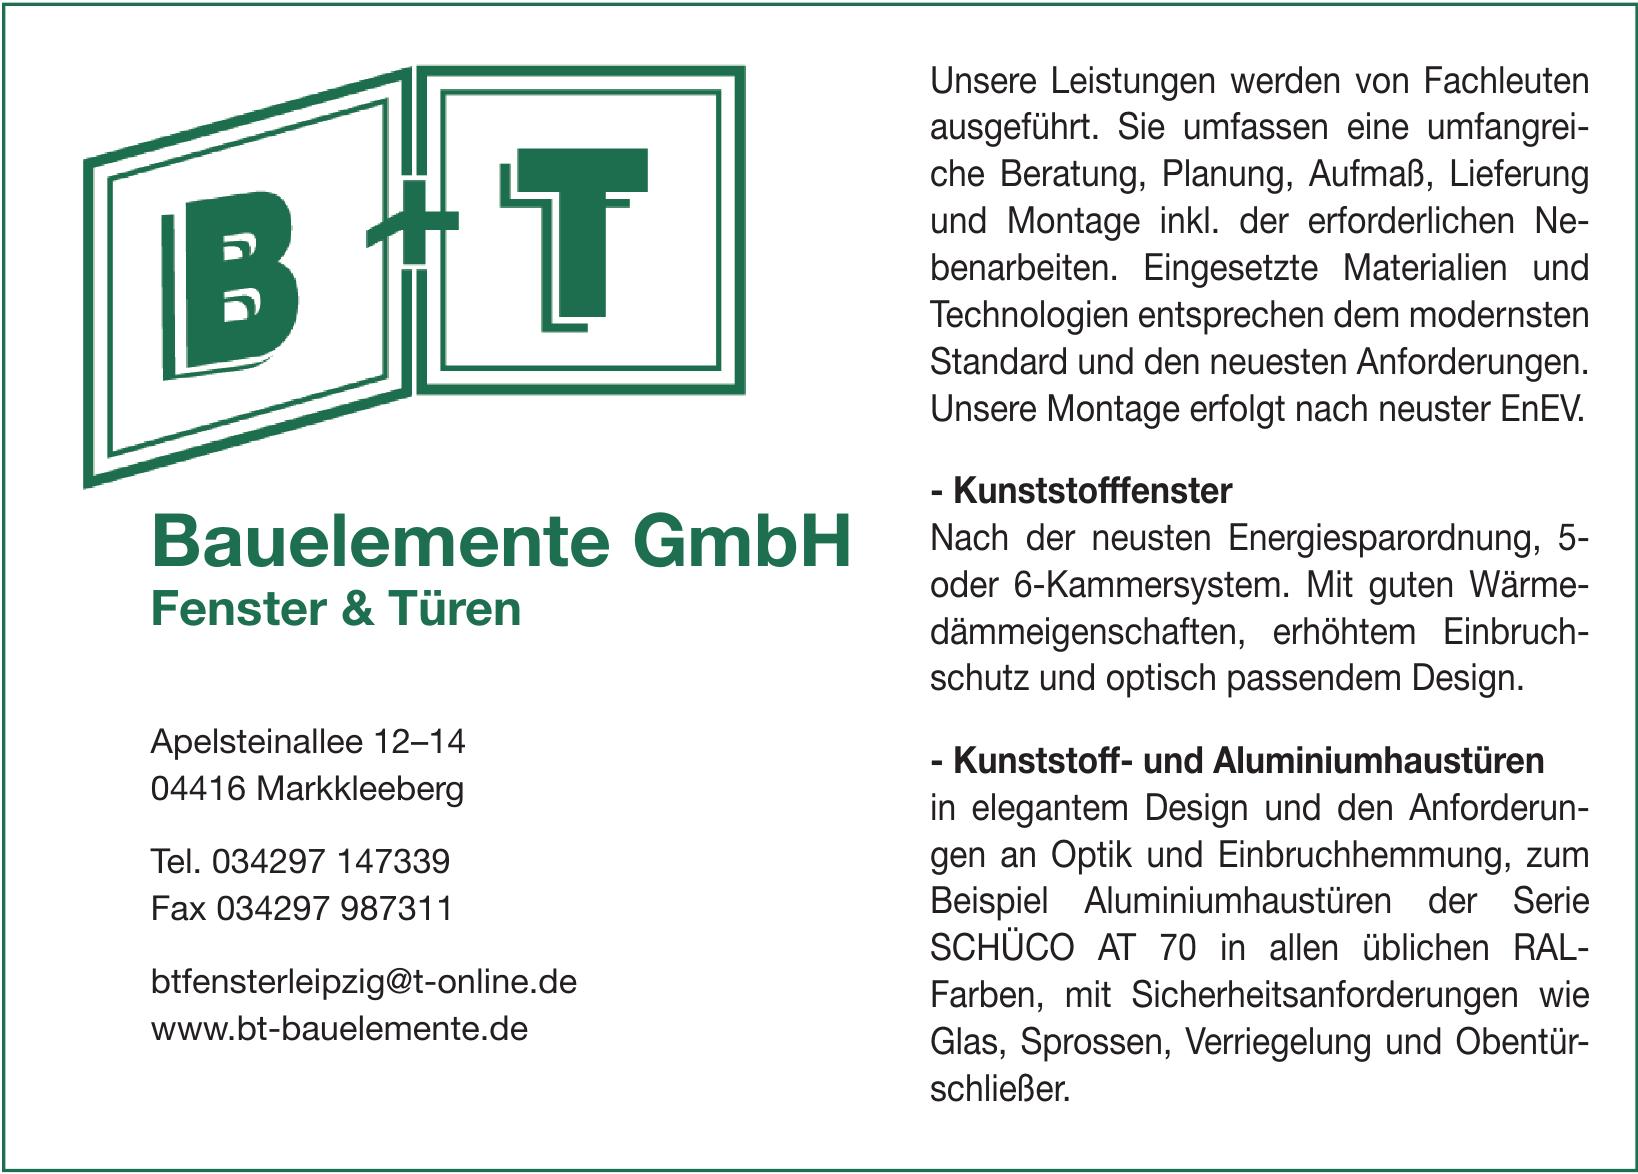 B+T Bauelemente GmbH